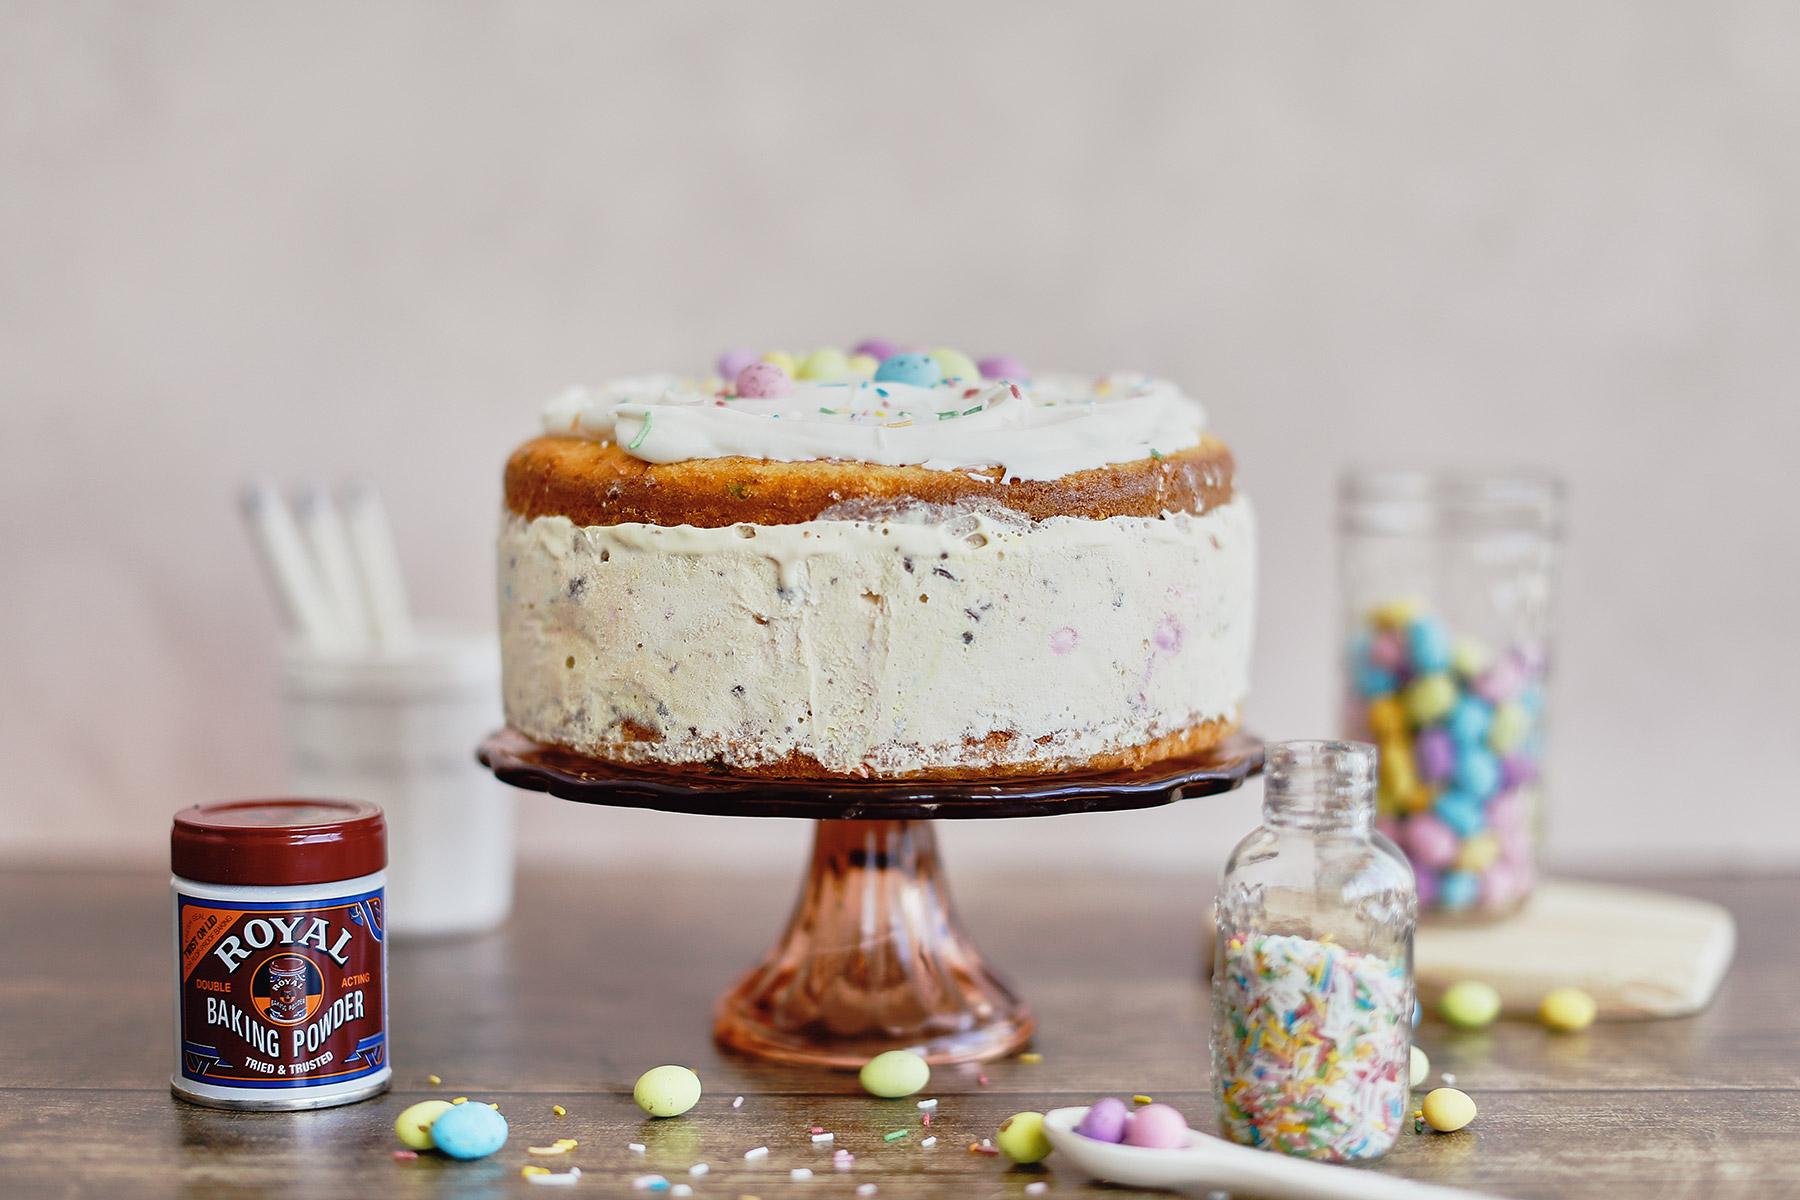 FUNFETTI-SPECKLED-EGG-ICE-CREAM-CAKE-4